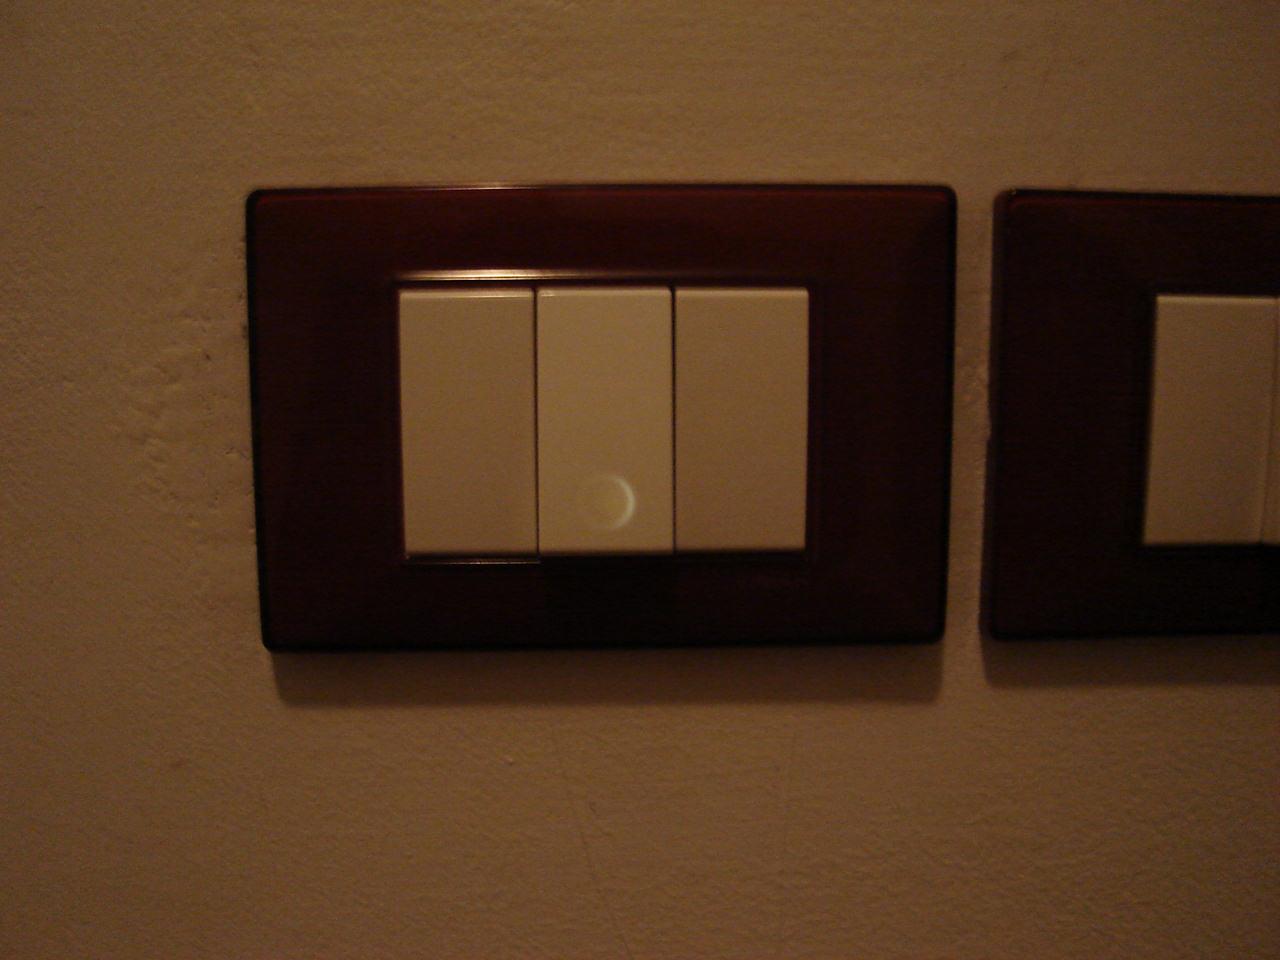 Montare LED negli interruttori? Ecco la Guida su come installarli